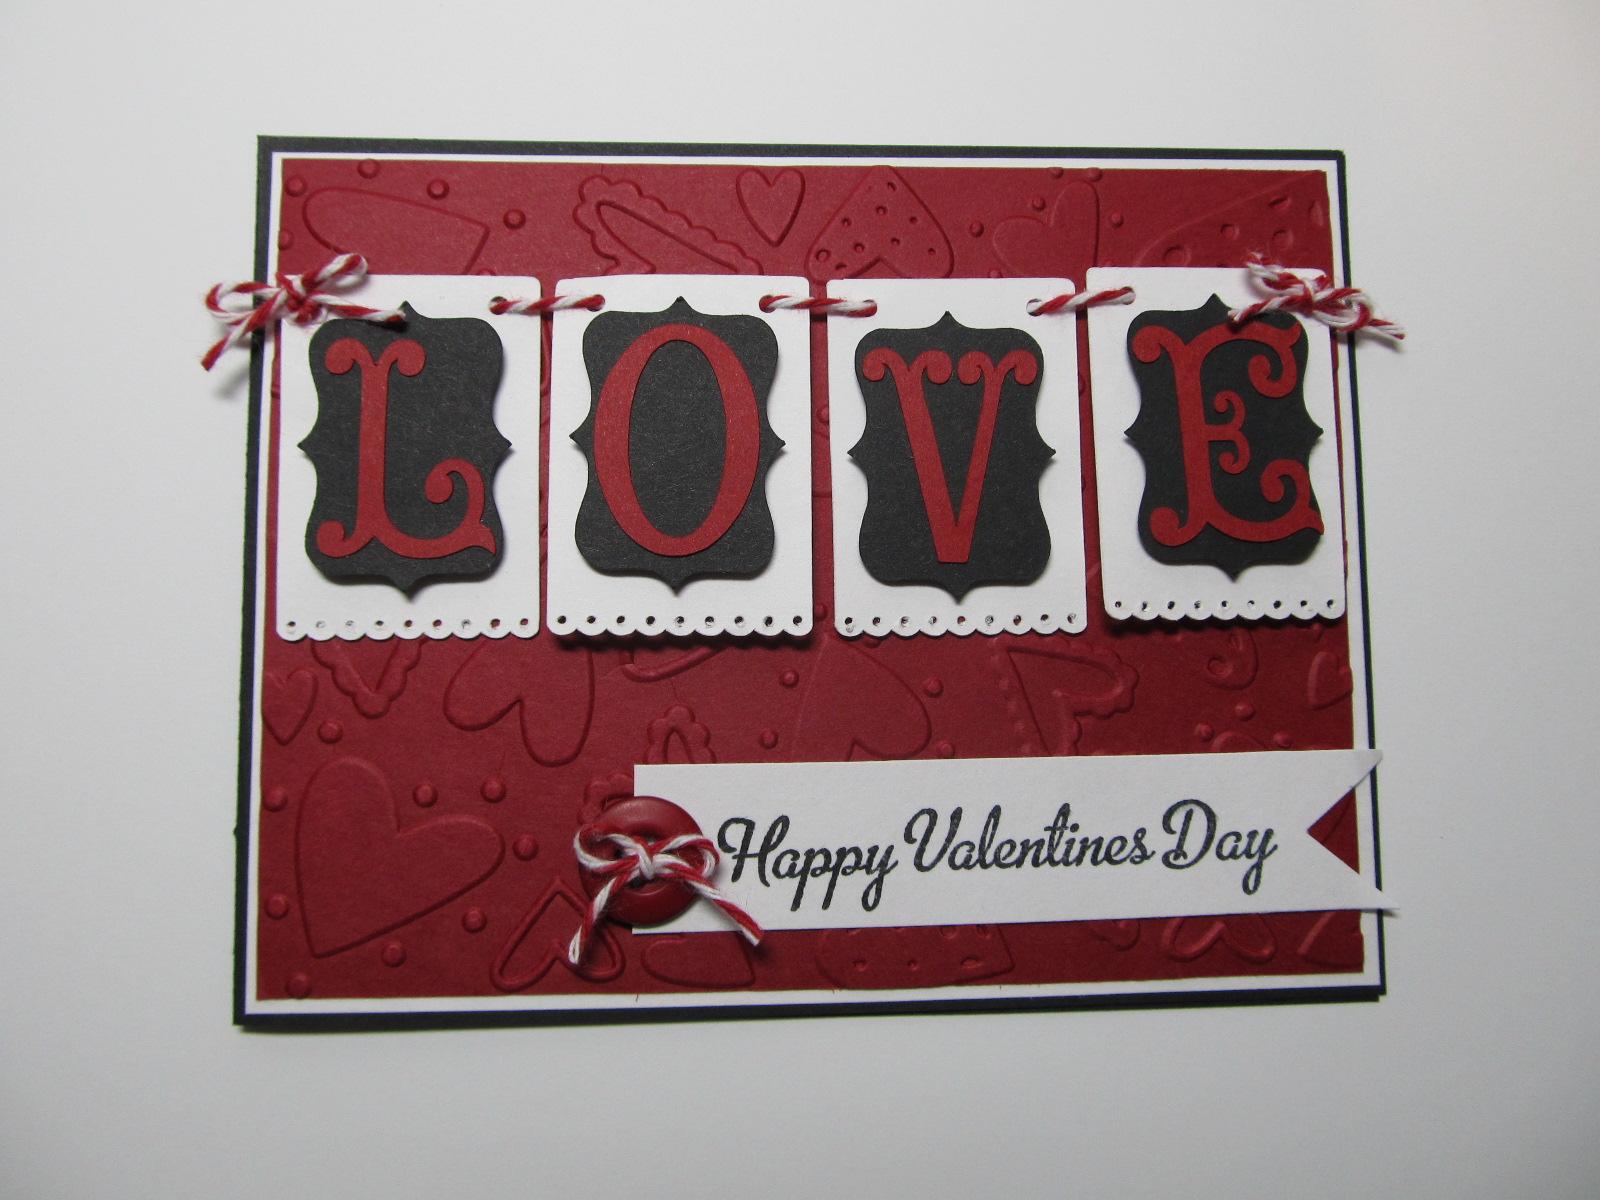 Creative Cricut Designs More Happy Valentine S Day Card